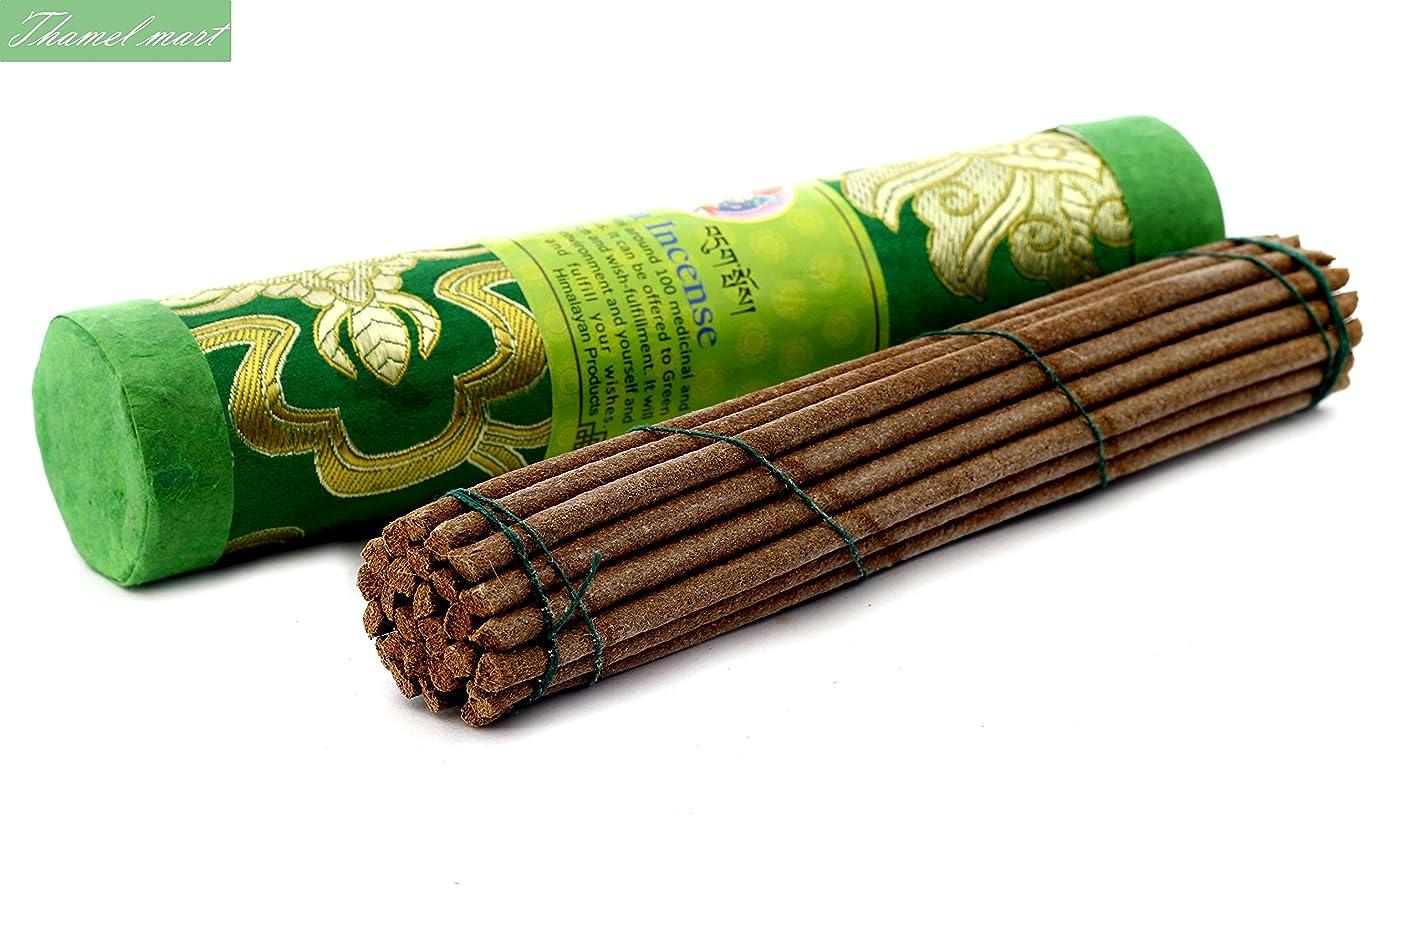 違反不規則性北極圏Green Tara Tibetan Incense Sticks?–?Spiritual & Medicinal Relaxation Potpourrisより?–?効果的& Scented Oils